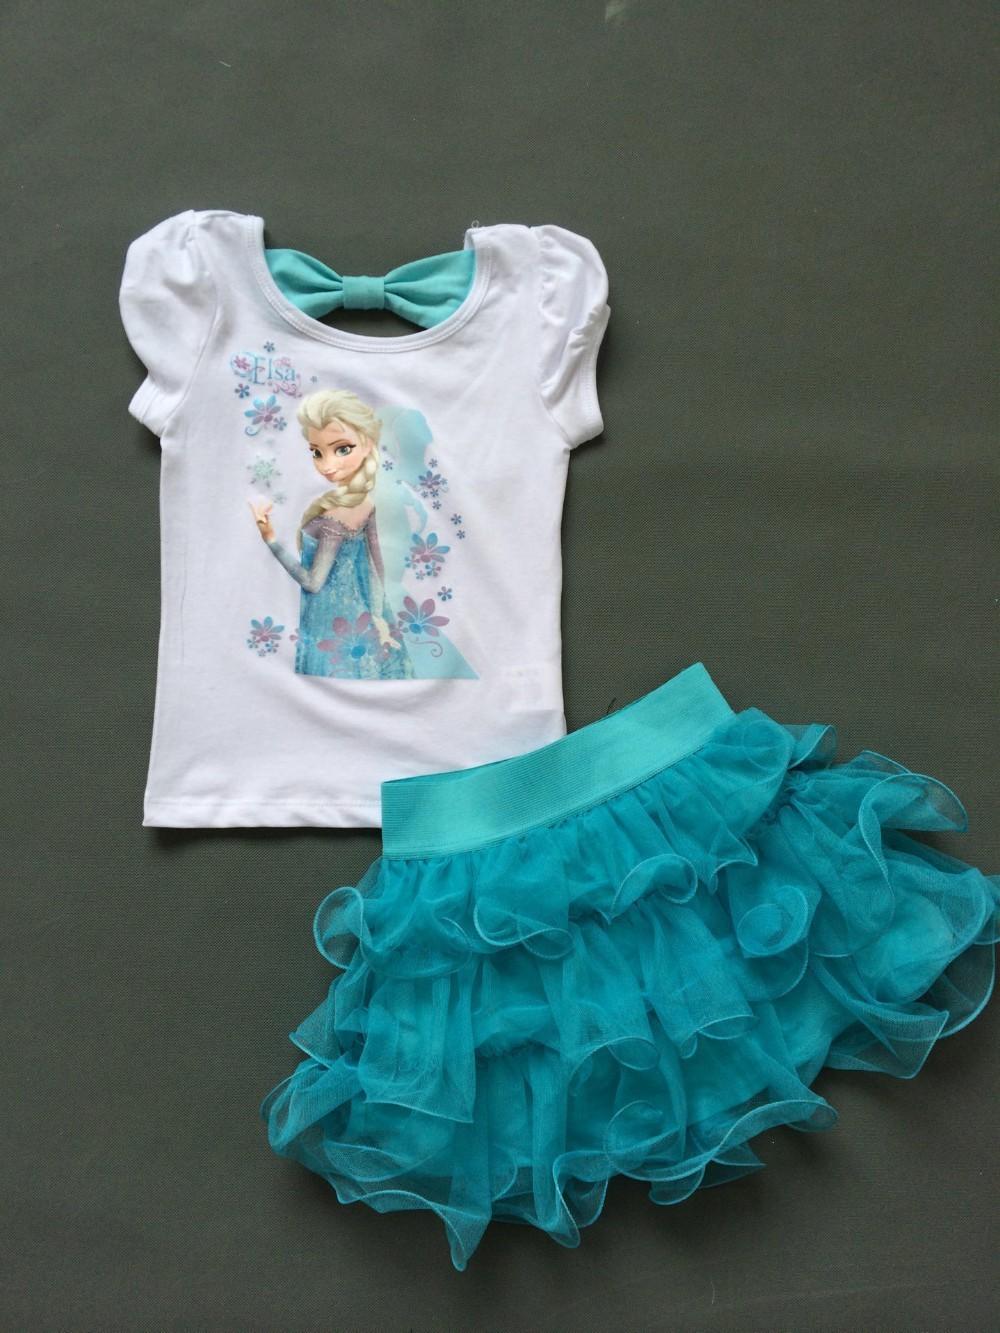 Комплект одежды для девочек 2015 2 + baby AQZ077 комплект одежды для девочек little miss 2015 2 tz150311034